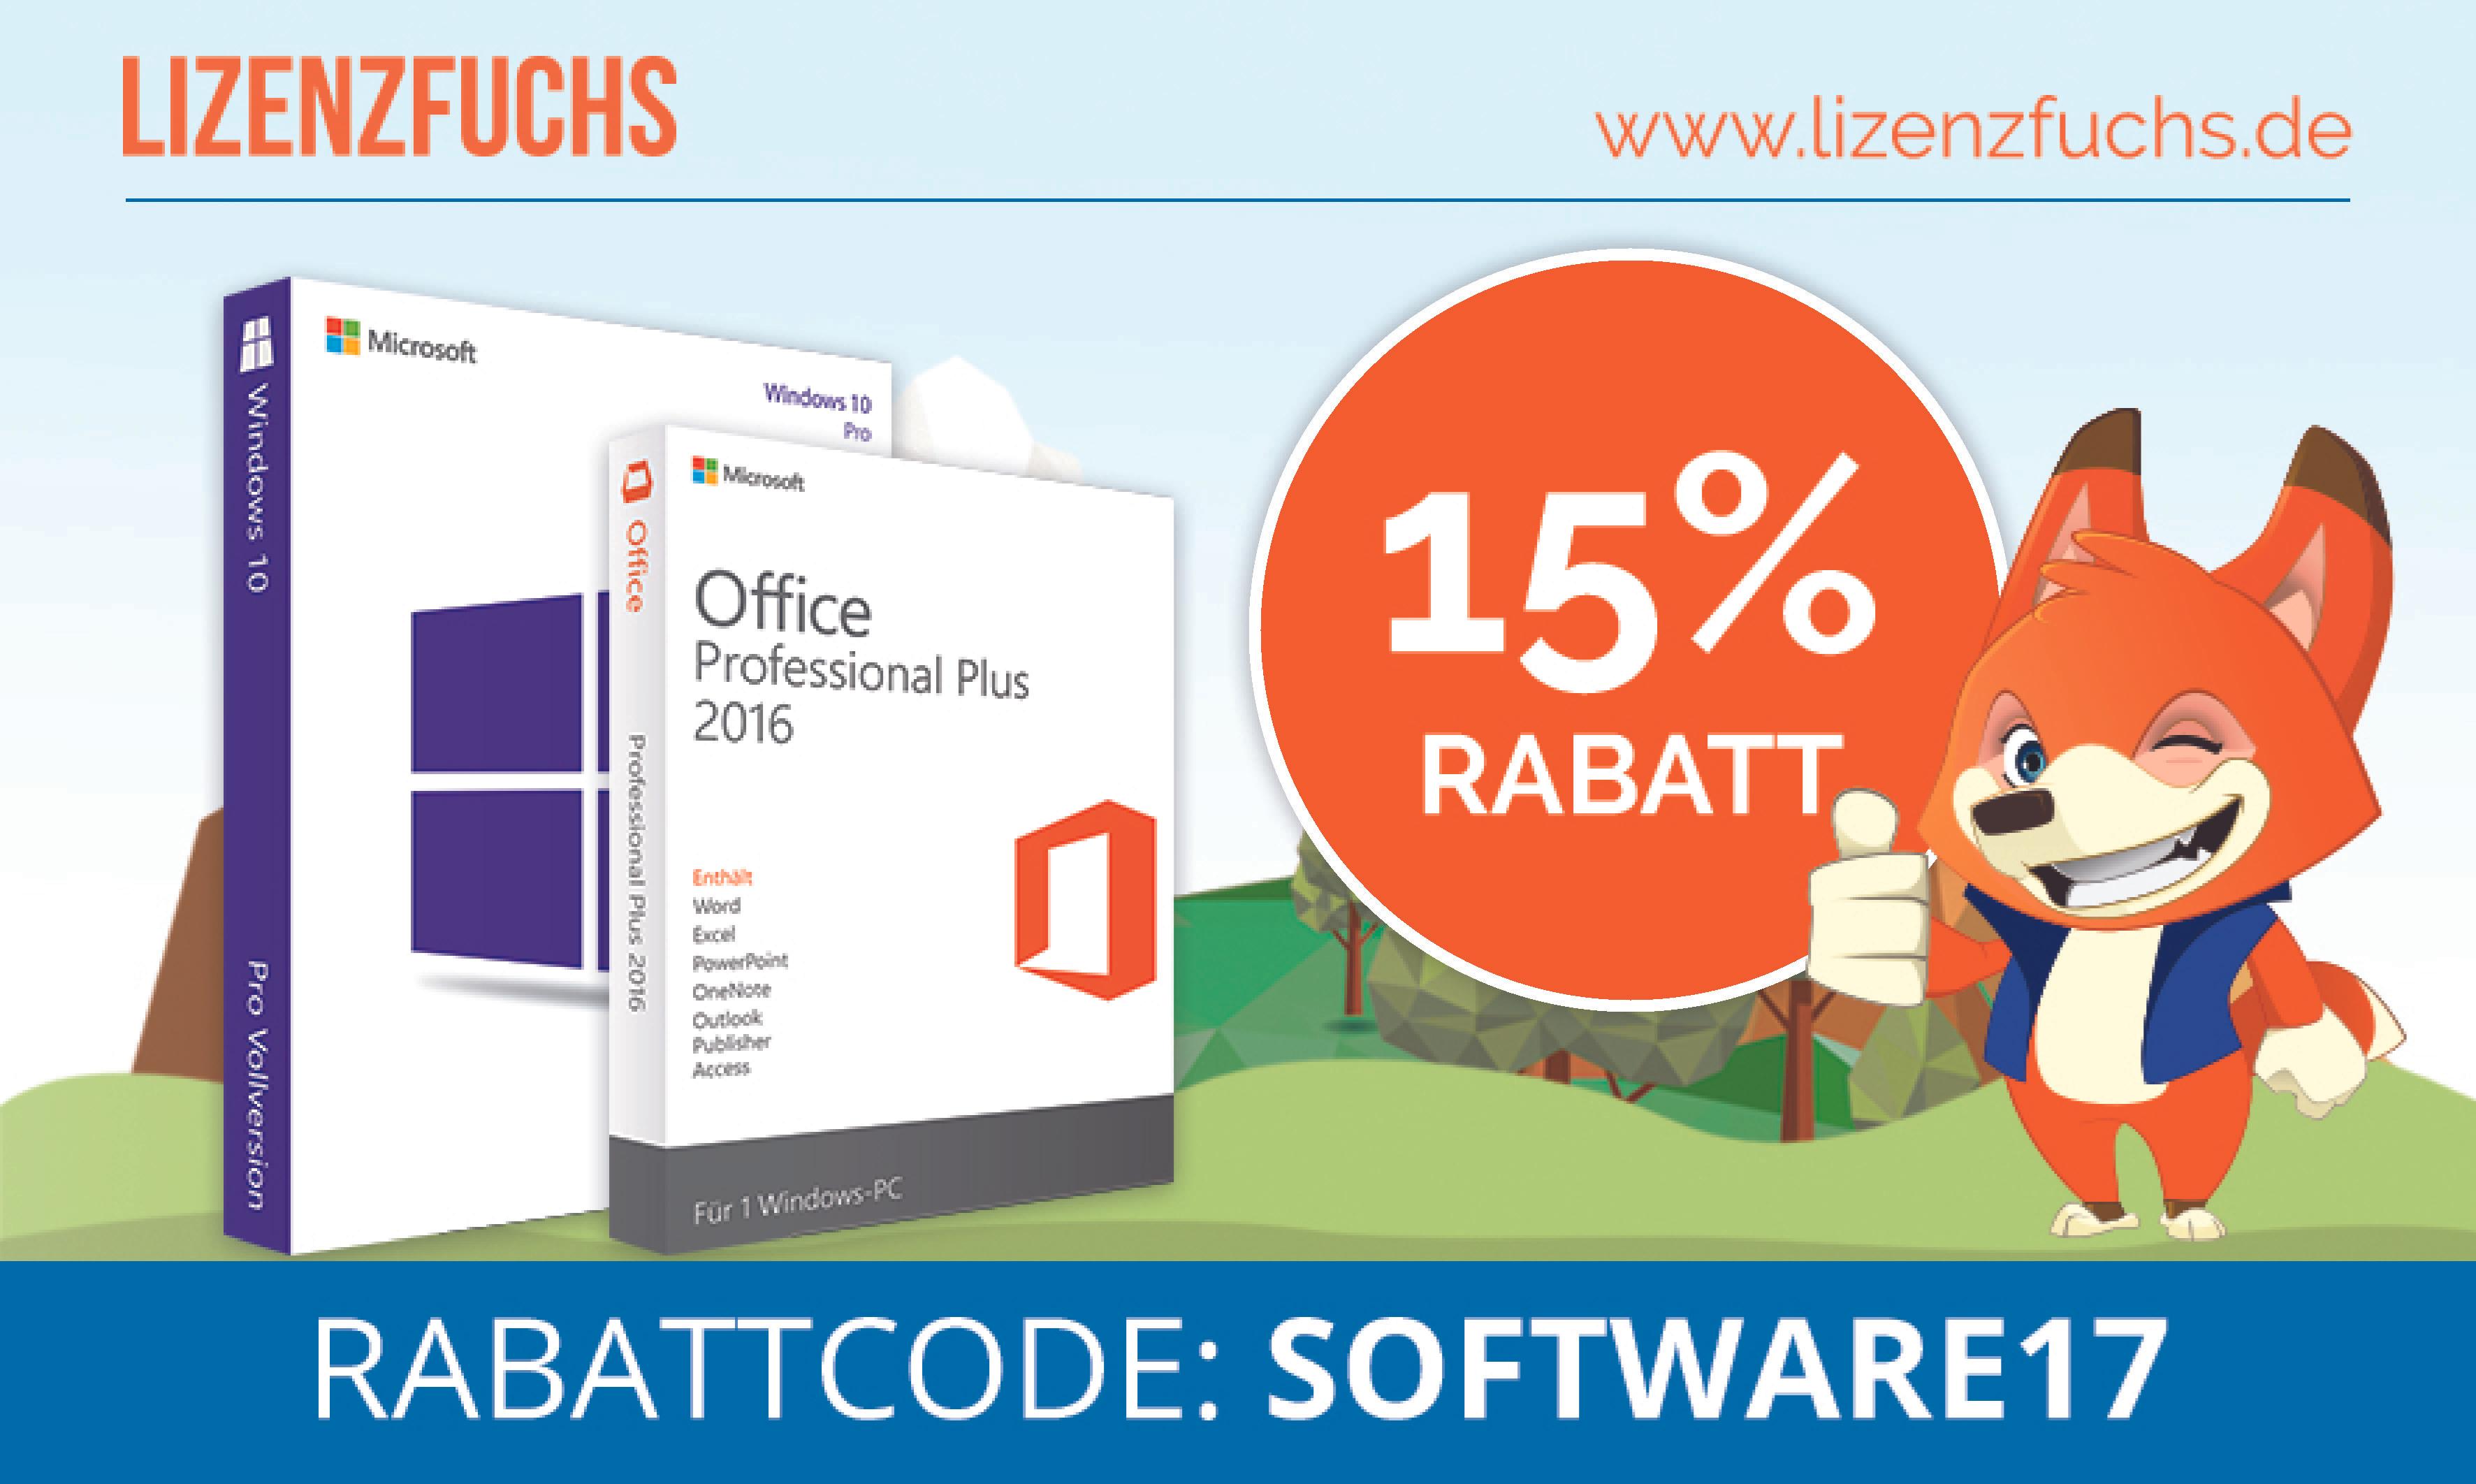 15% auf Software wie MS Office, Steuersoftware ...